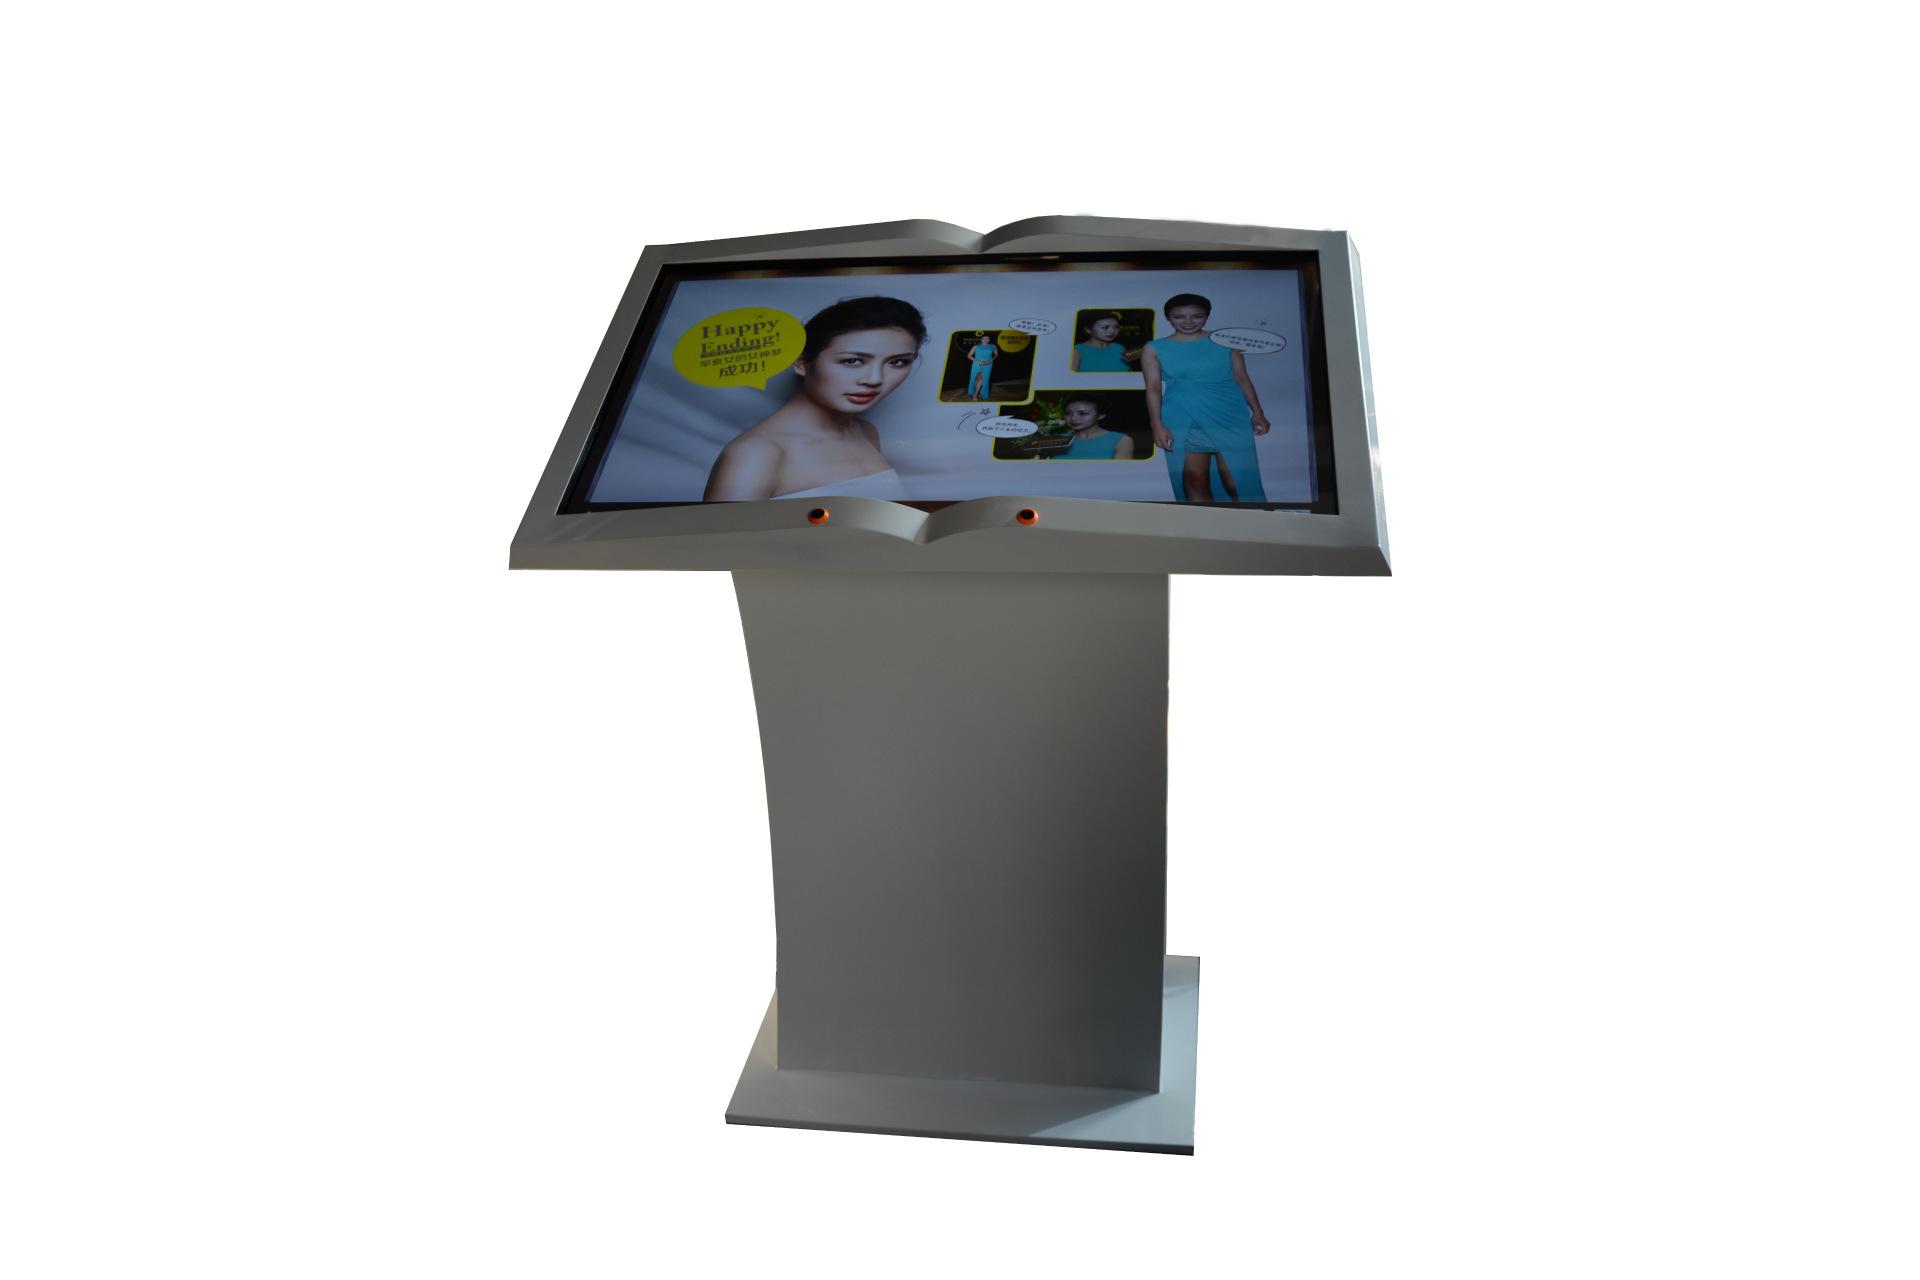 厂家直销HPLD42寸虚拟翻书台空中翻书台全息空中虚拟翻书台示例图5